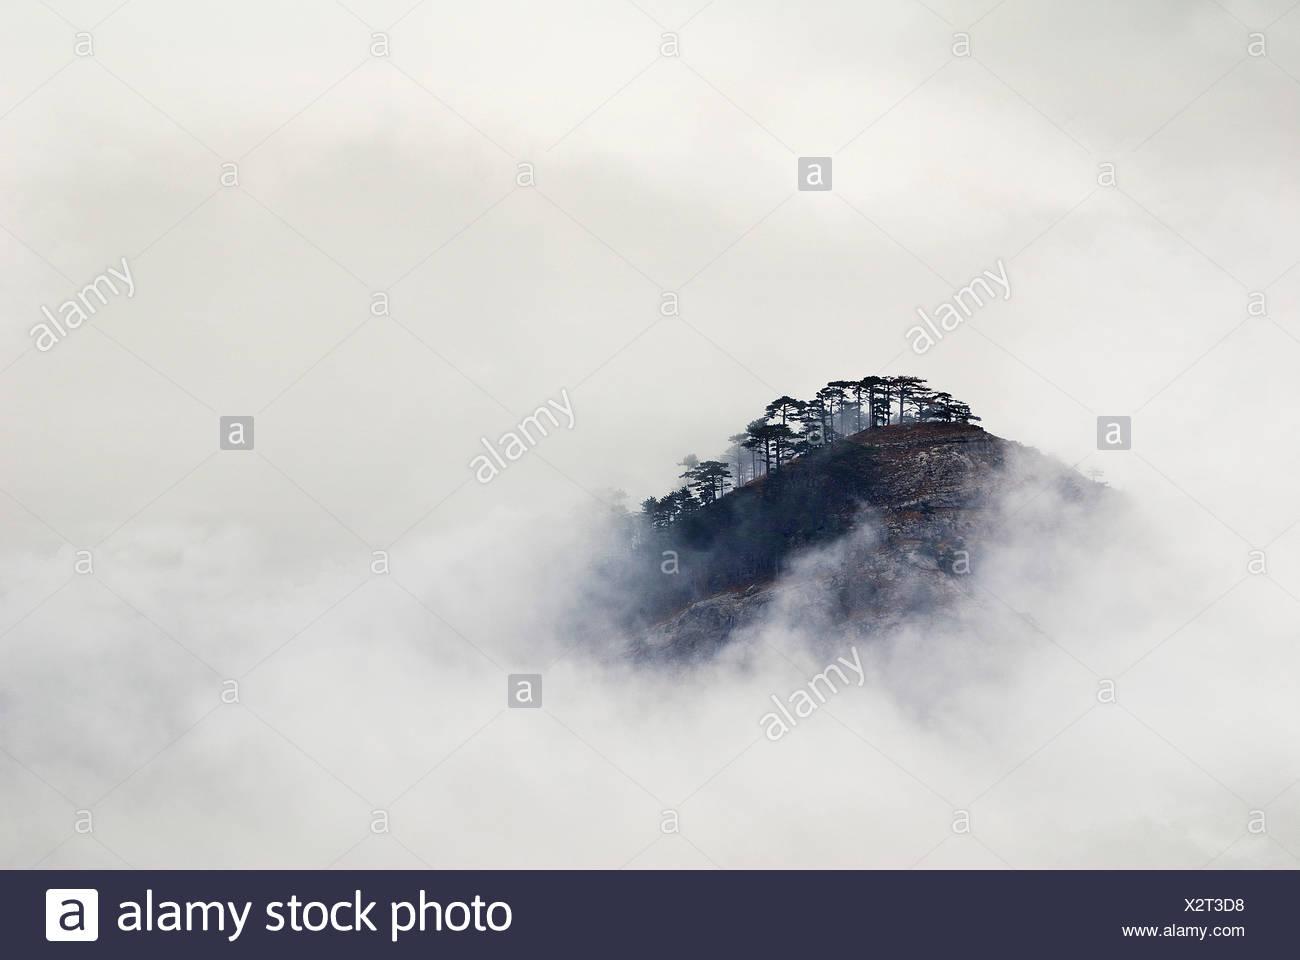 ai-petri mountain on crimea covered in fog - Stock Image